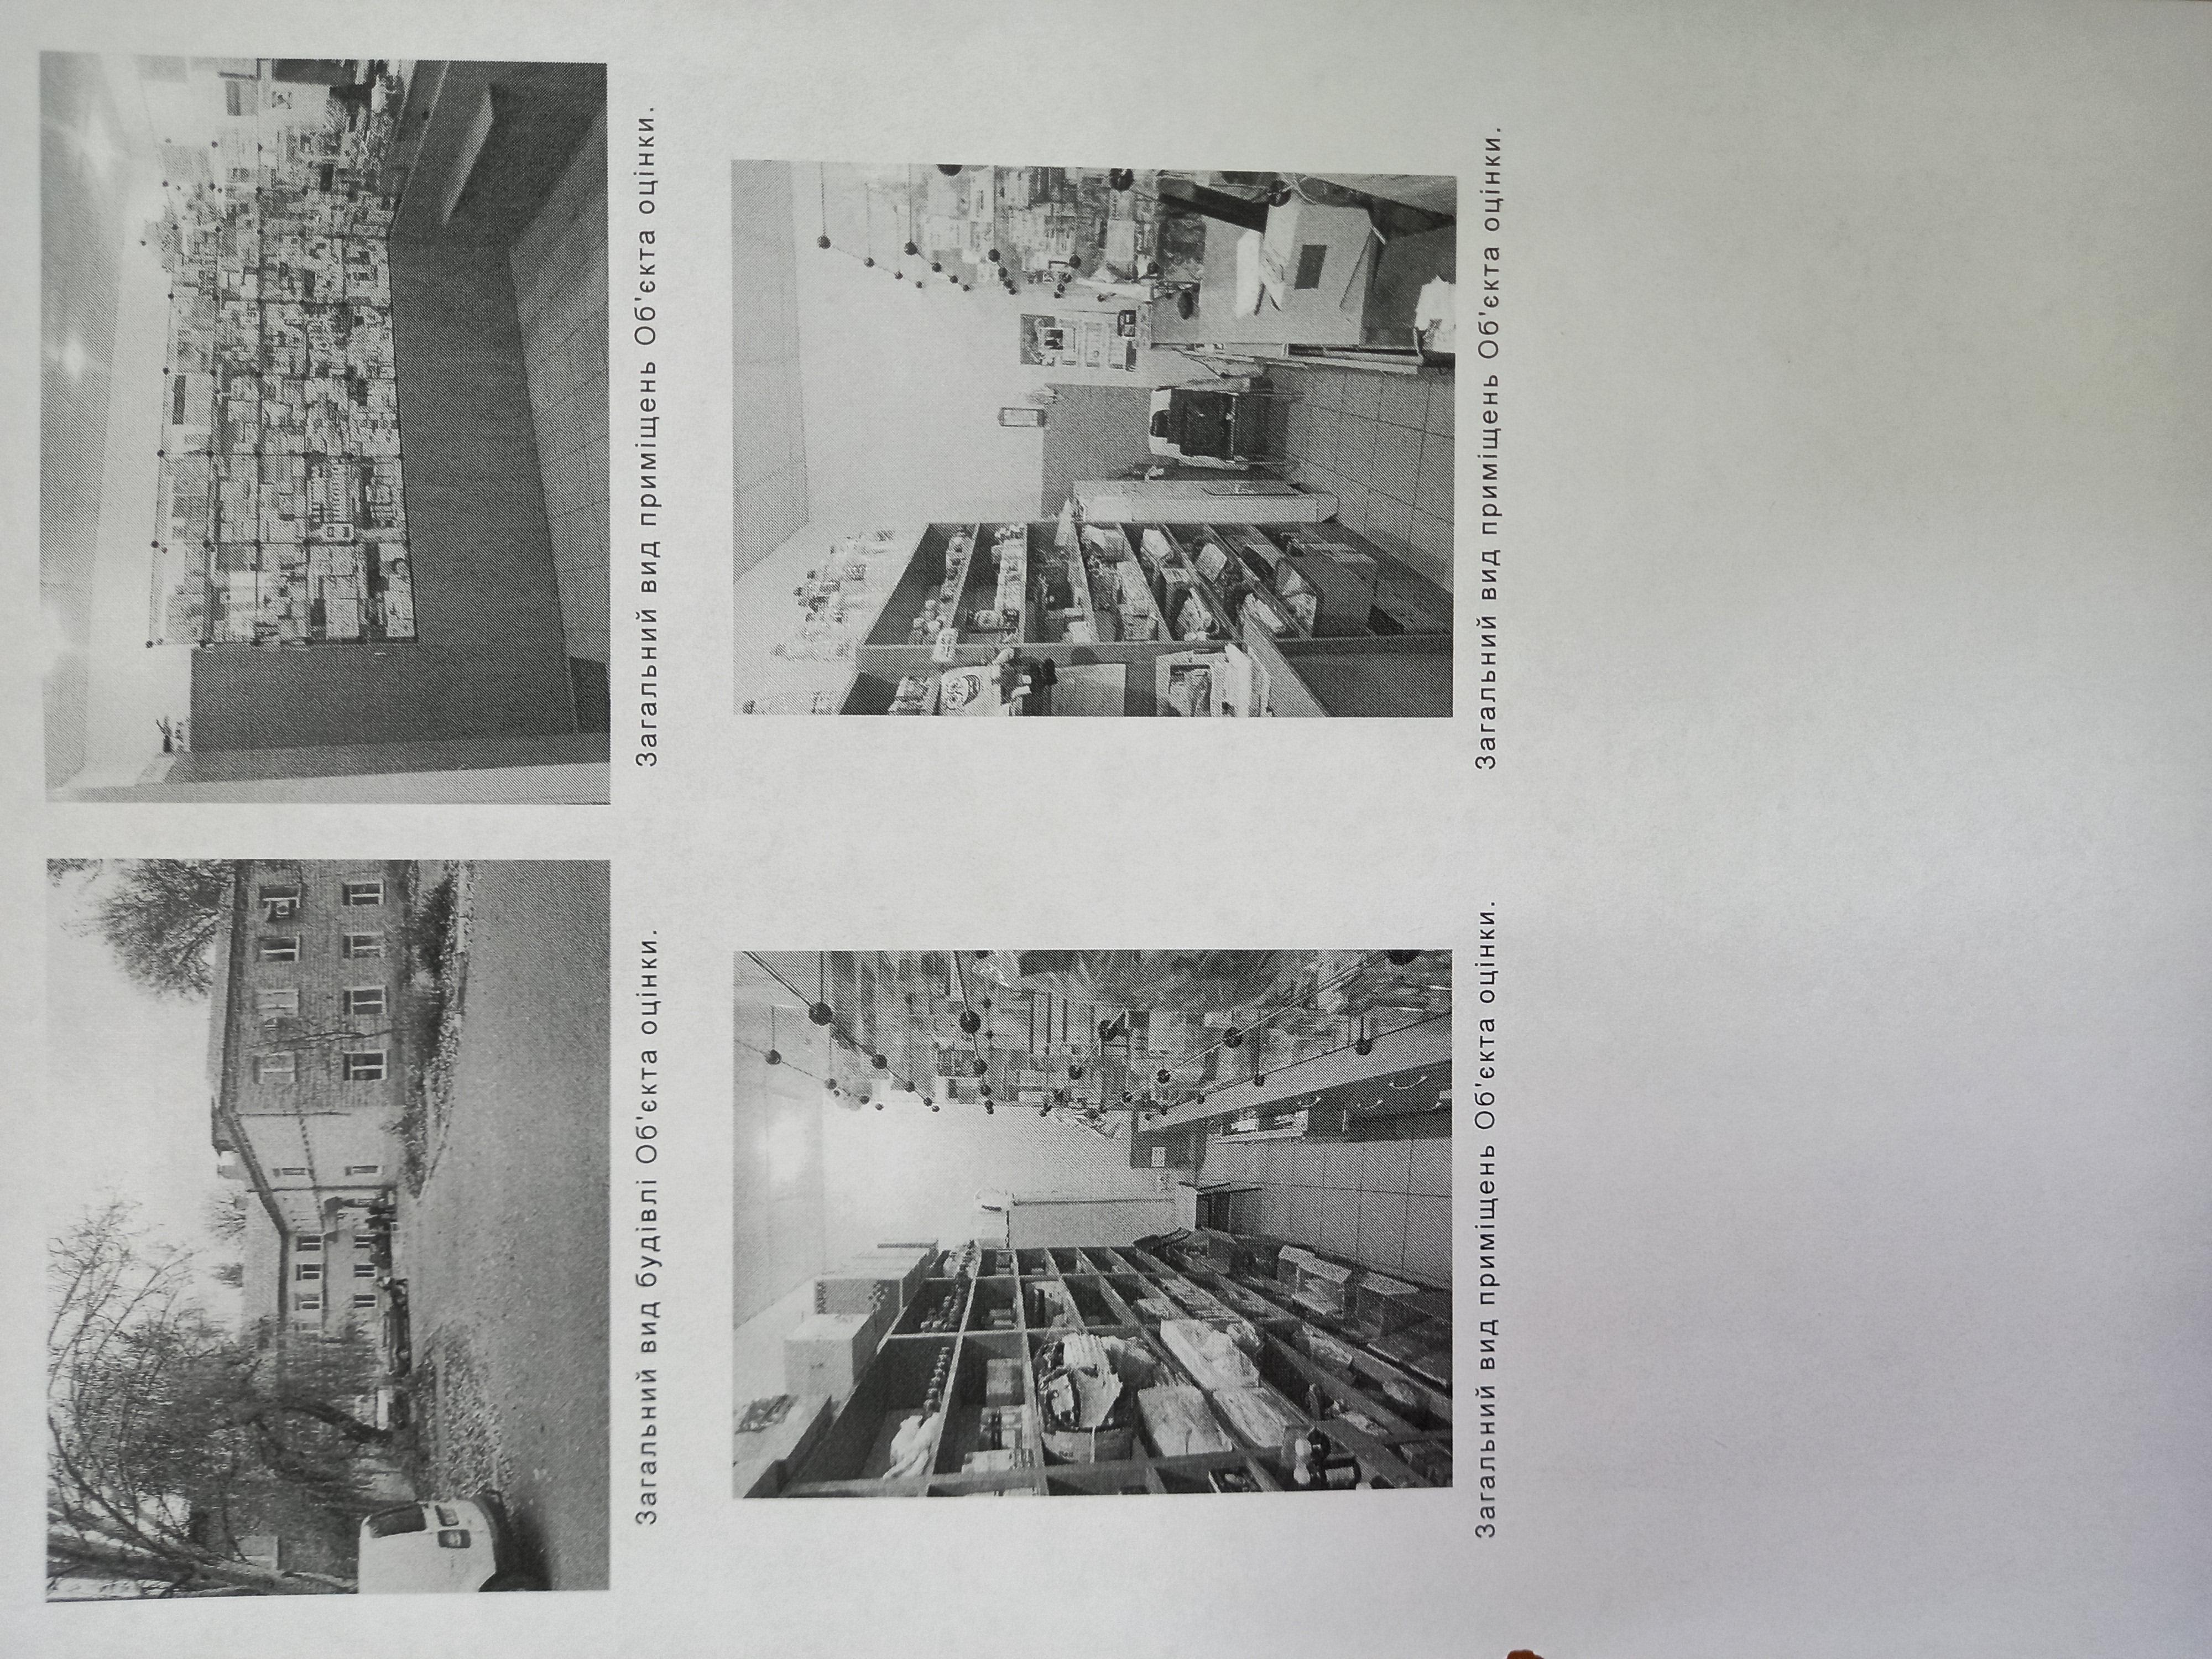 проведення аукціону на продовження договору оренди – нежитлового приміщення №434 першого поверху будівлі (літ. А-5) площею 13,7 кв.м за адресою: вул. Новгородська, 28-а,  м.Запоріжжя, 69076